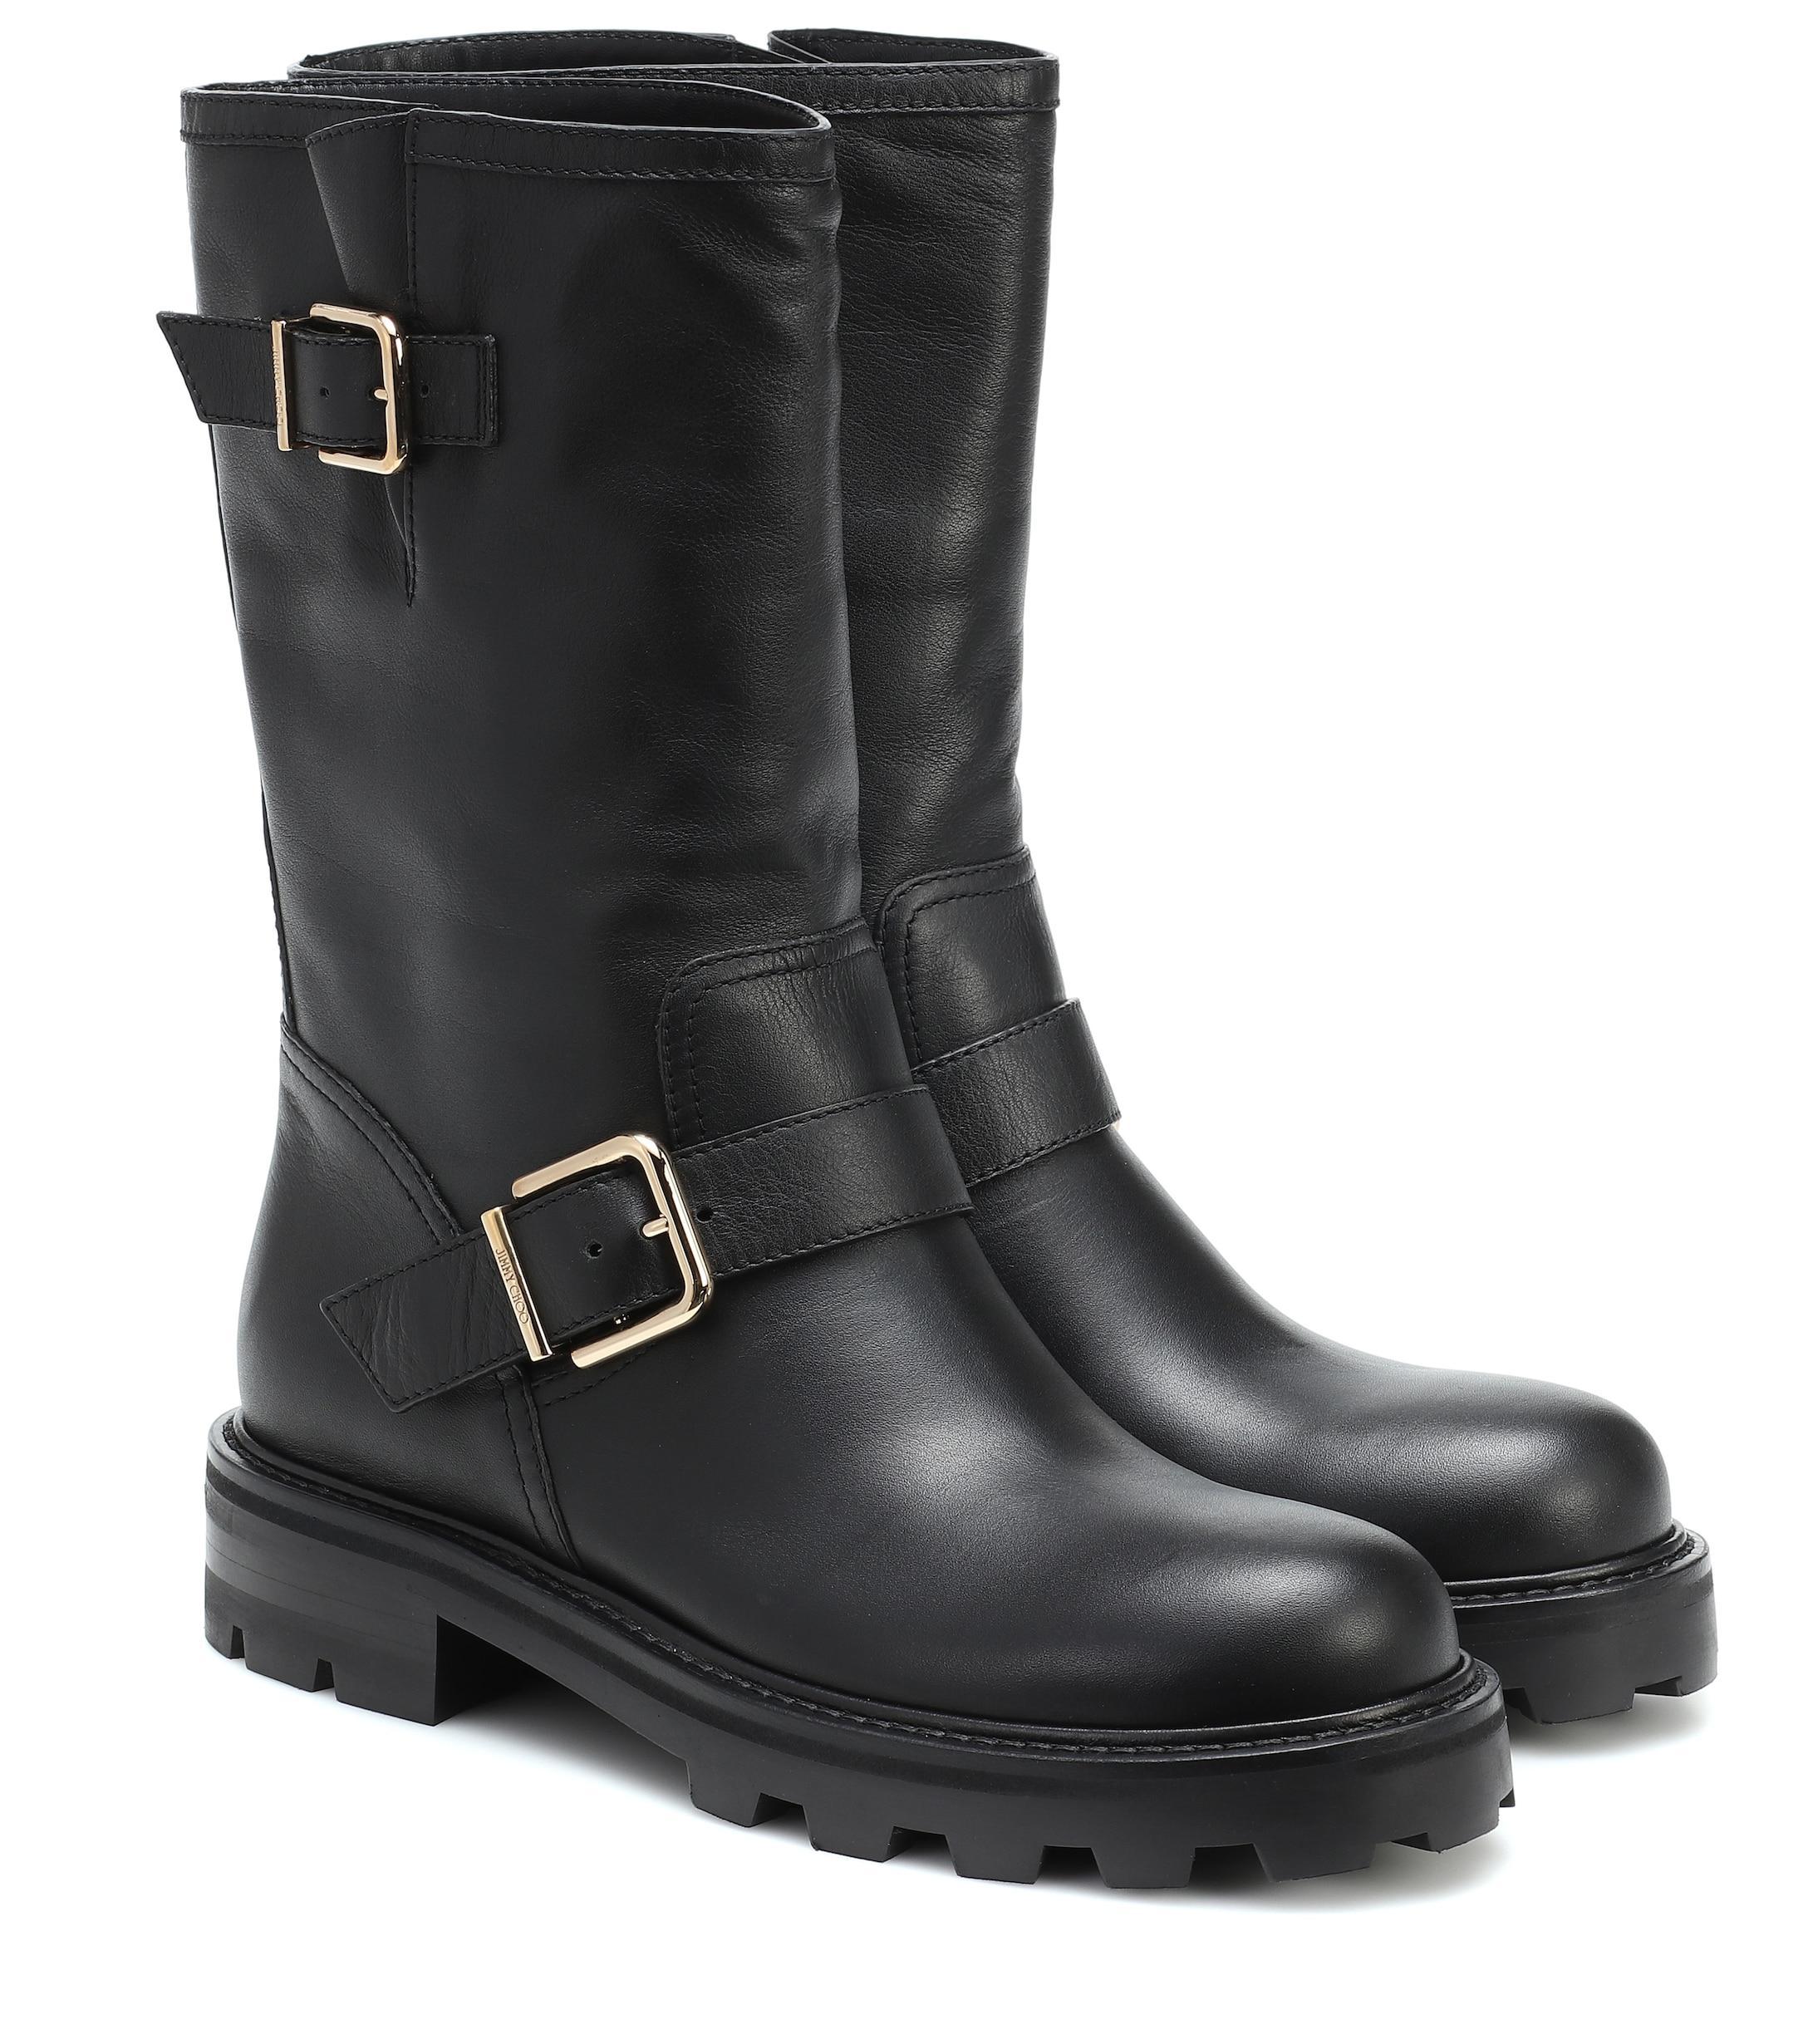 Jimmy Choo Biker Ii Leather Boots in